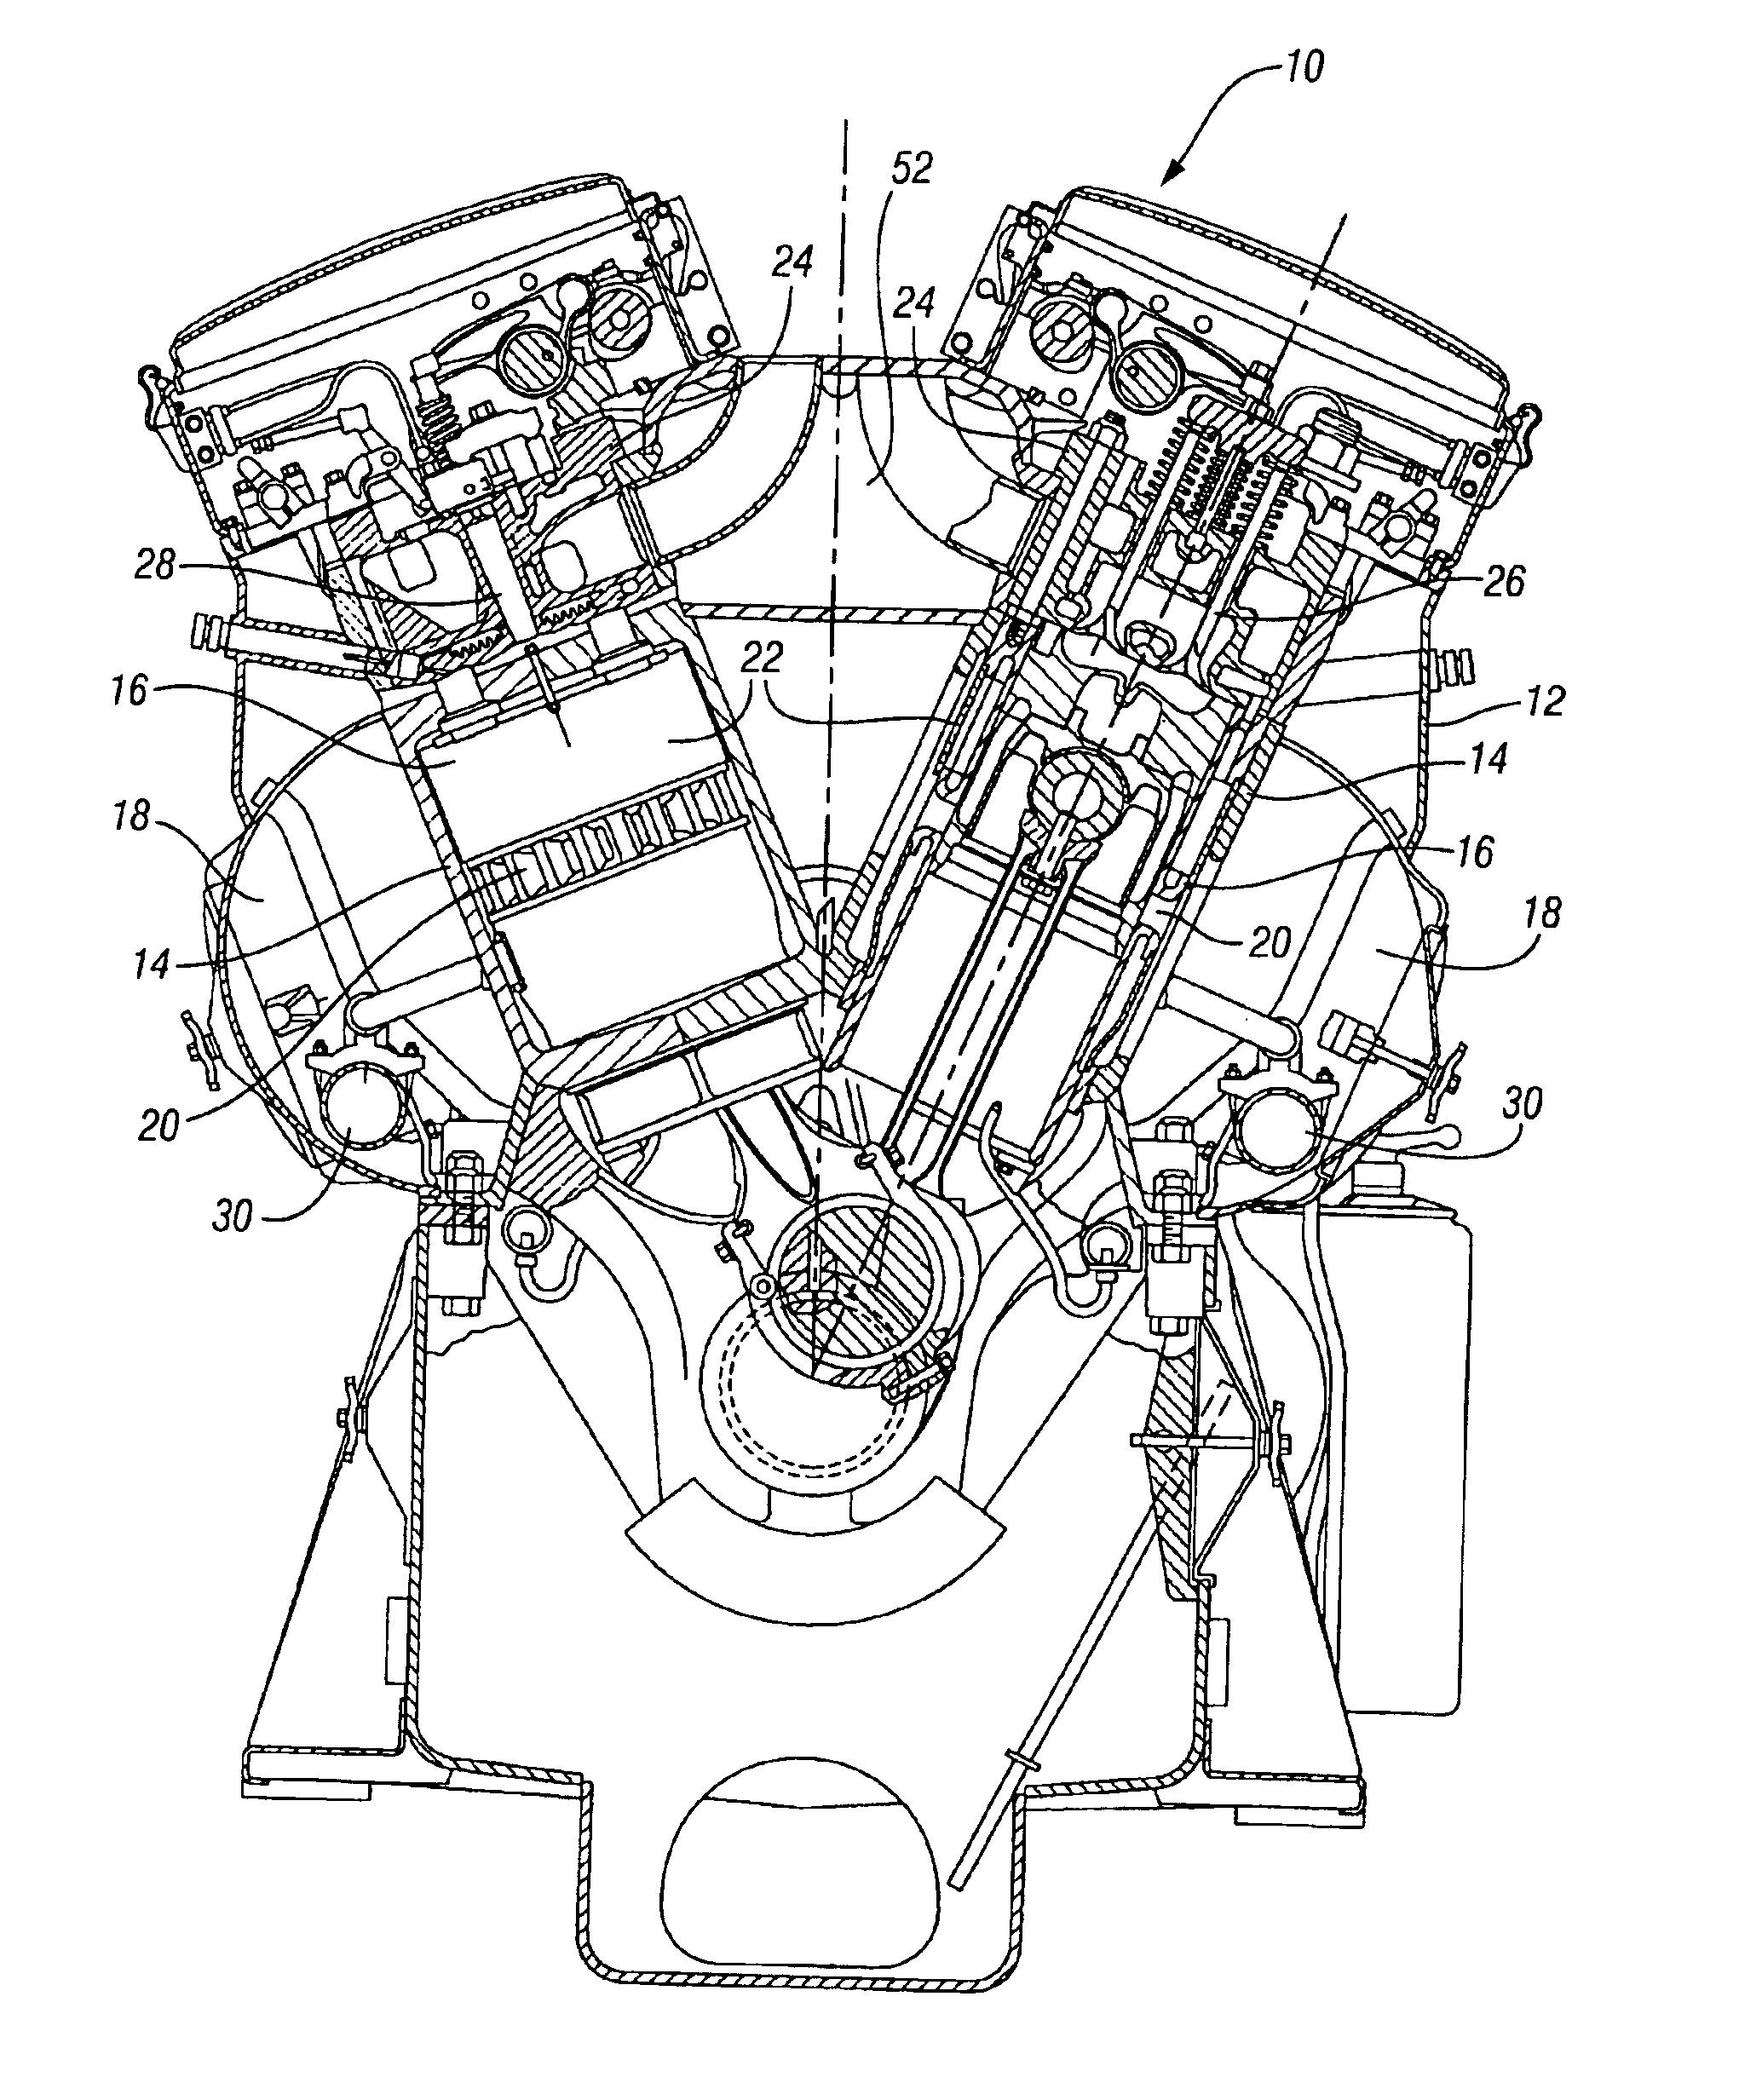 brevet us6866028 emission reduction kit for emd diesel engines  patent drawing